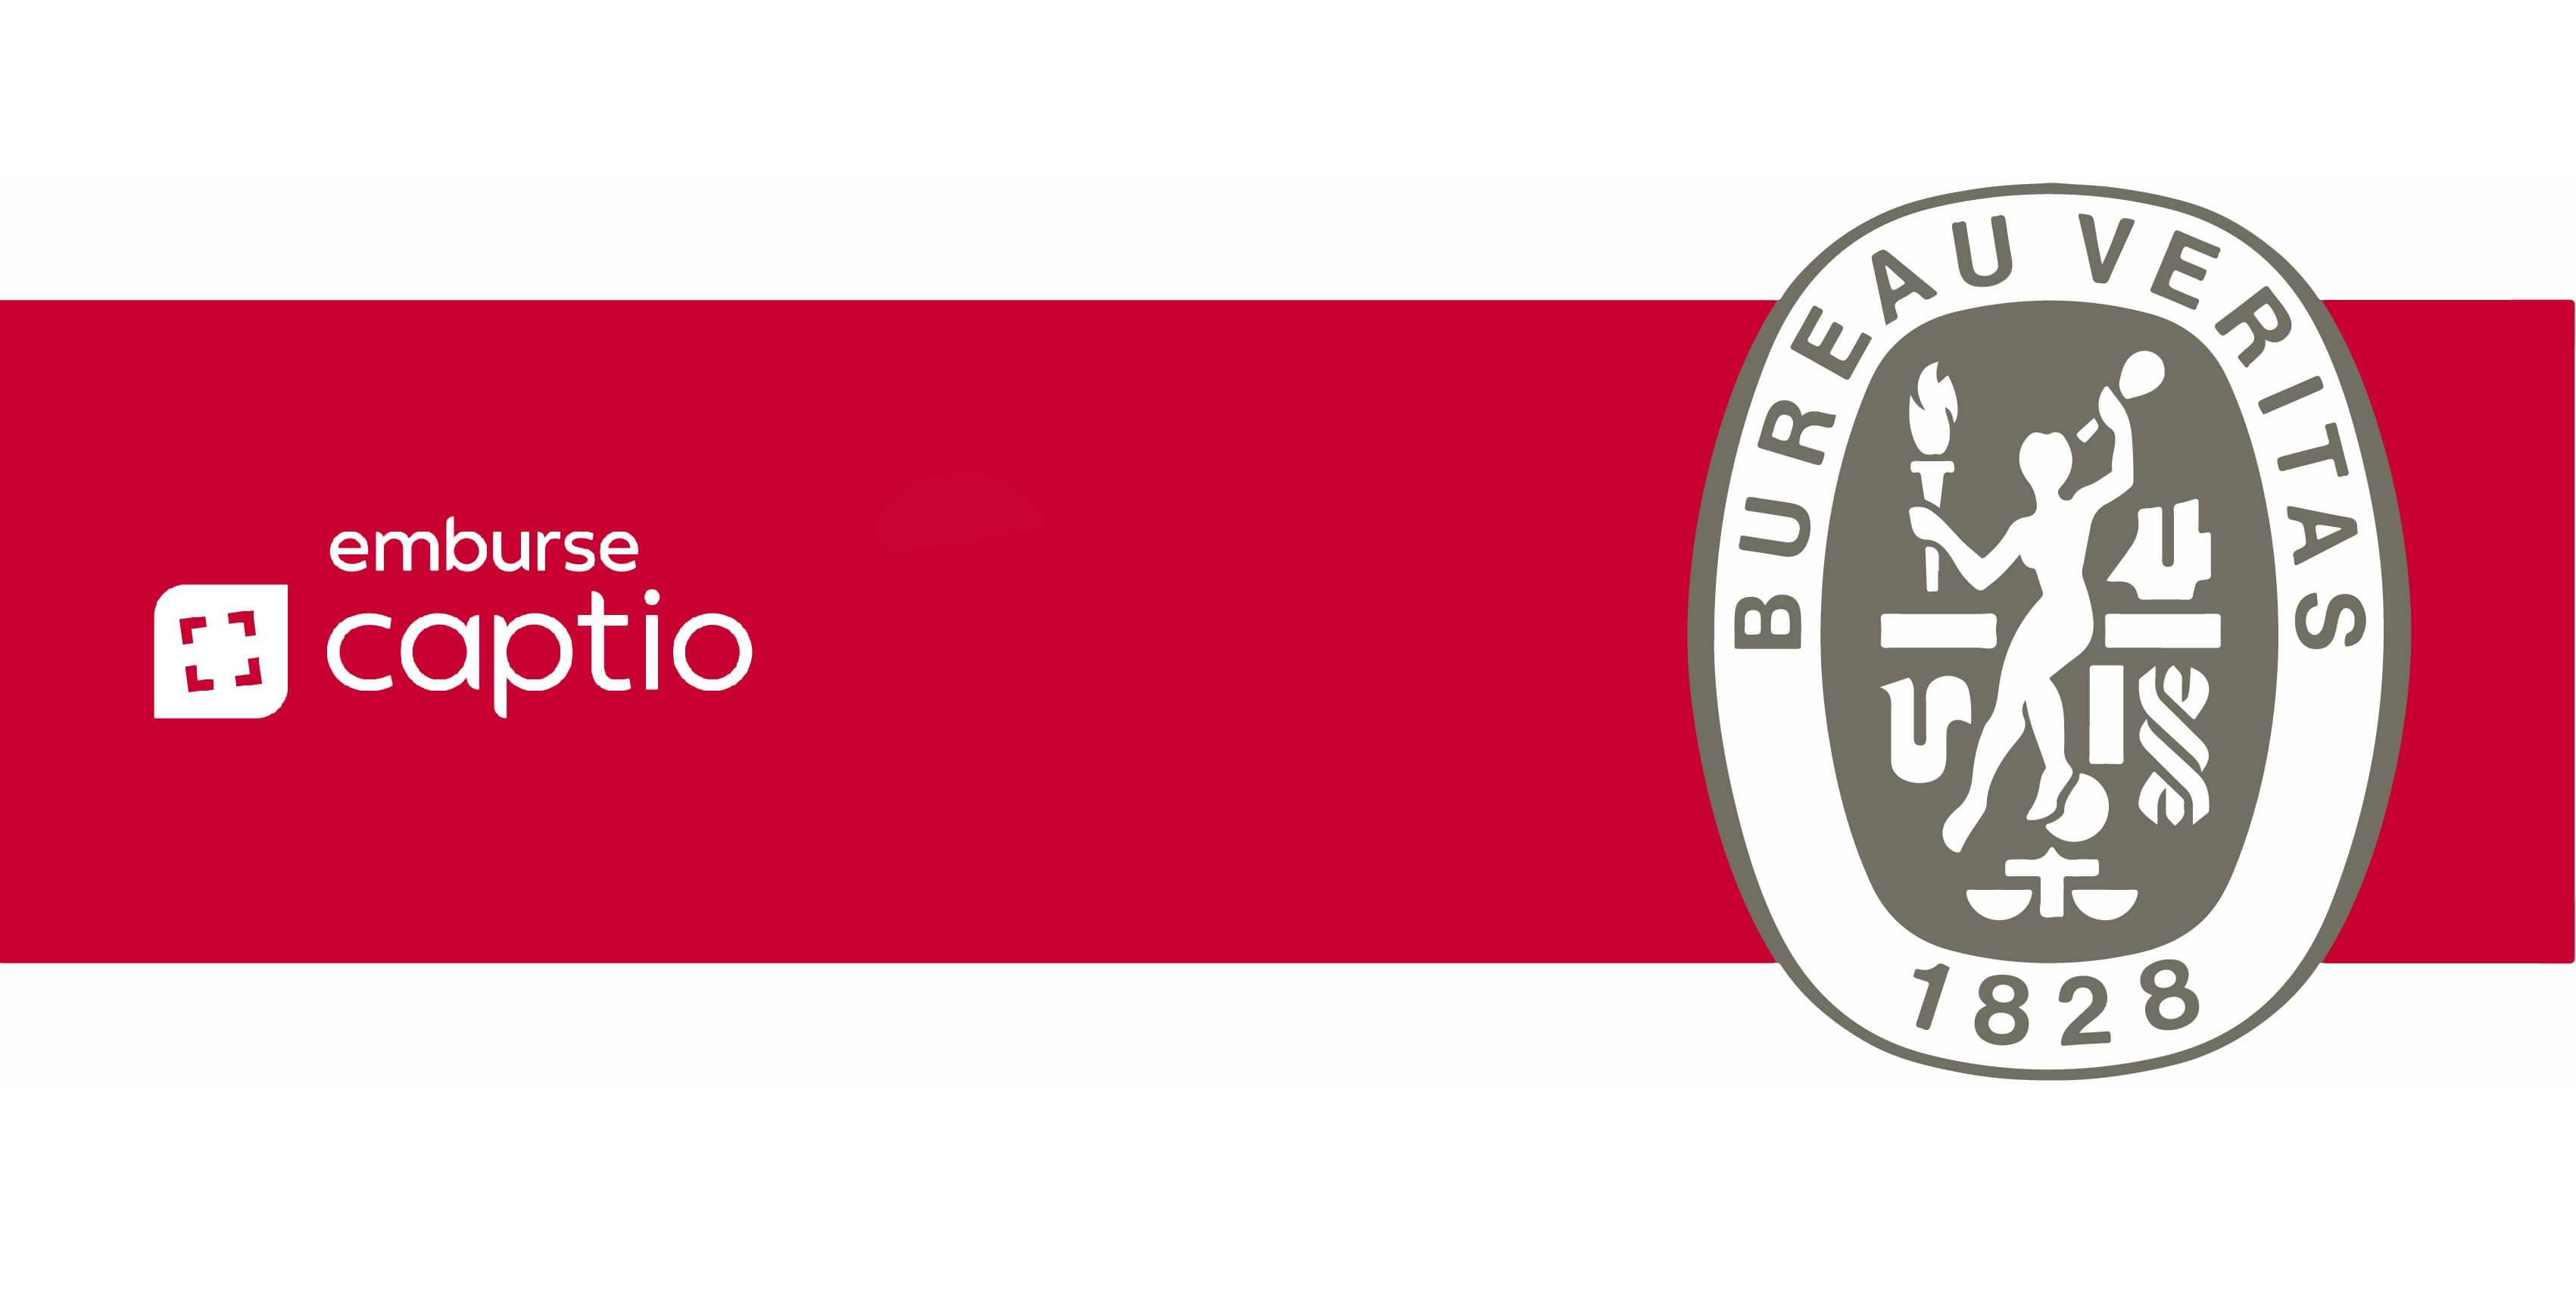 Emburse Captio ottiene il certificato Bureau Veritas come azienda di software